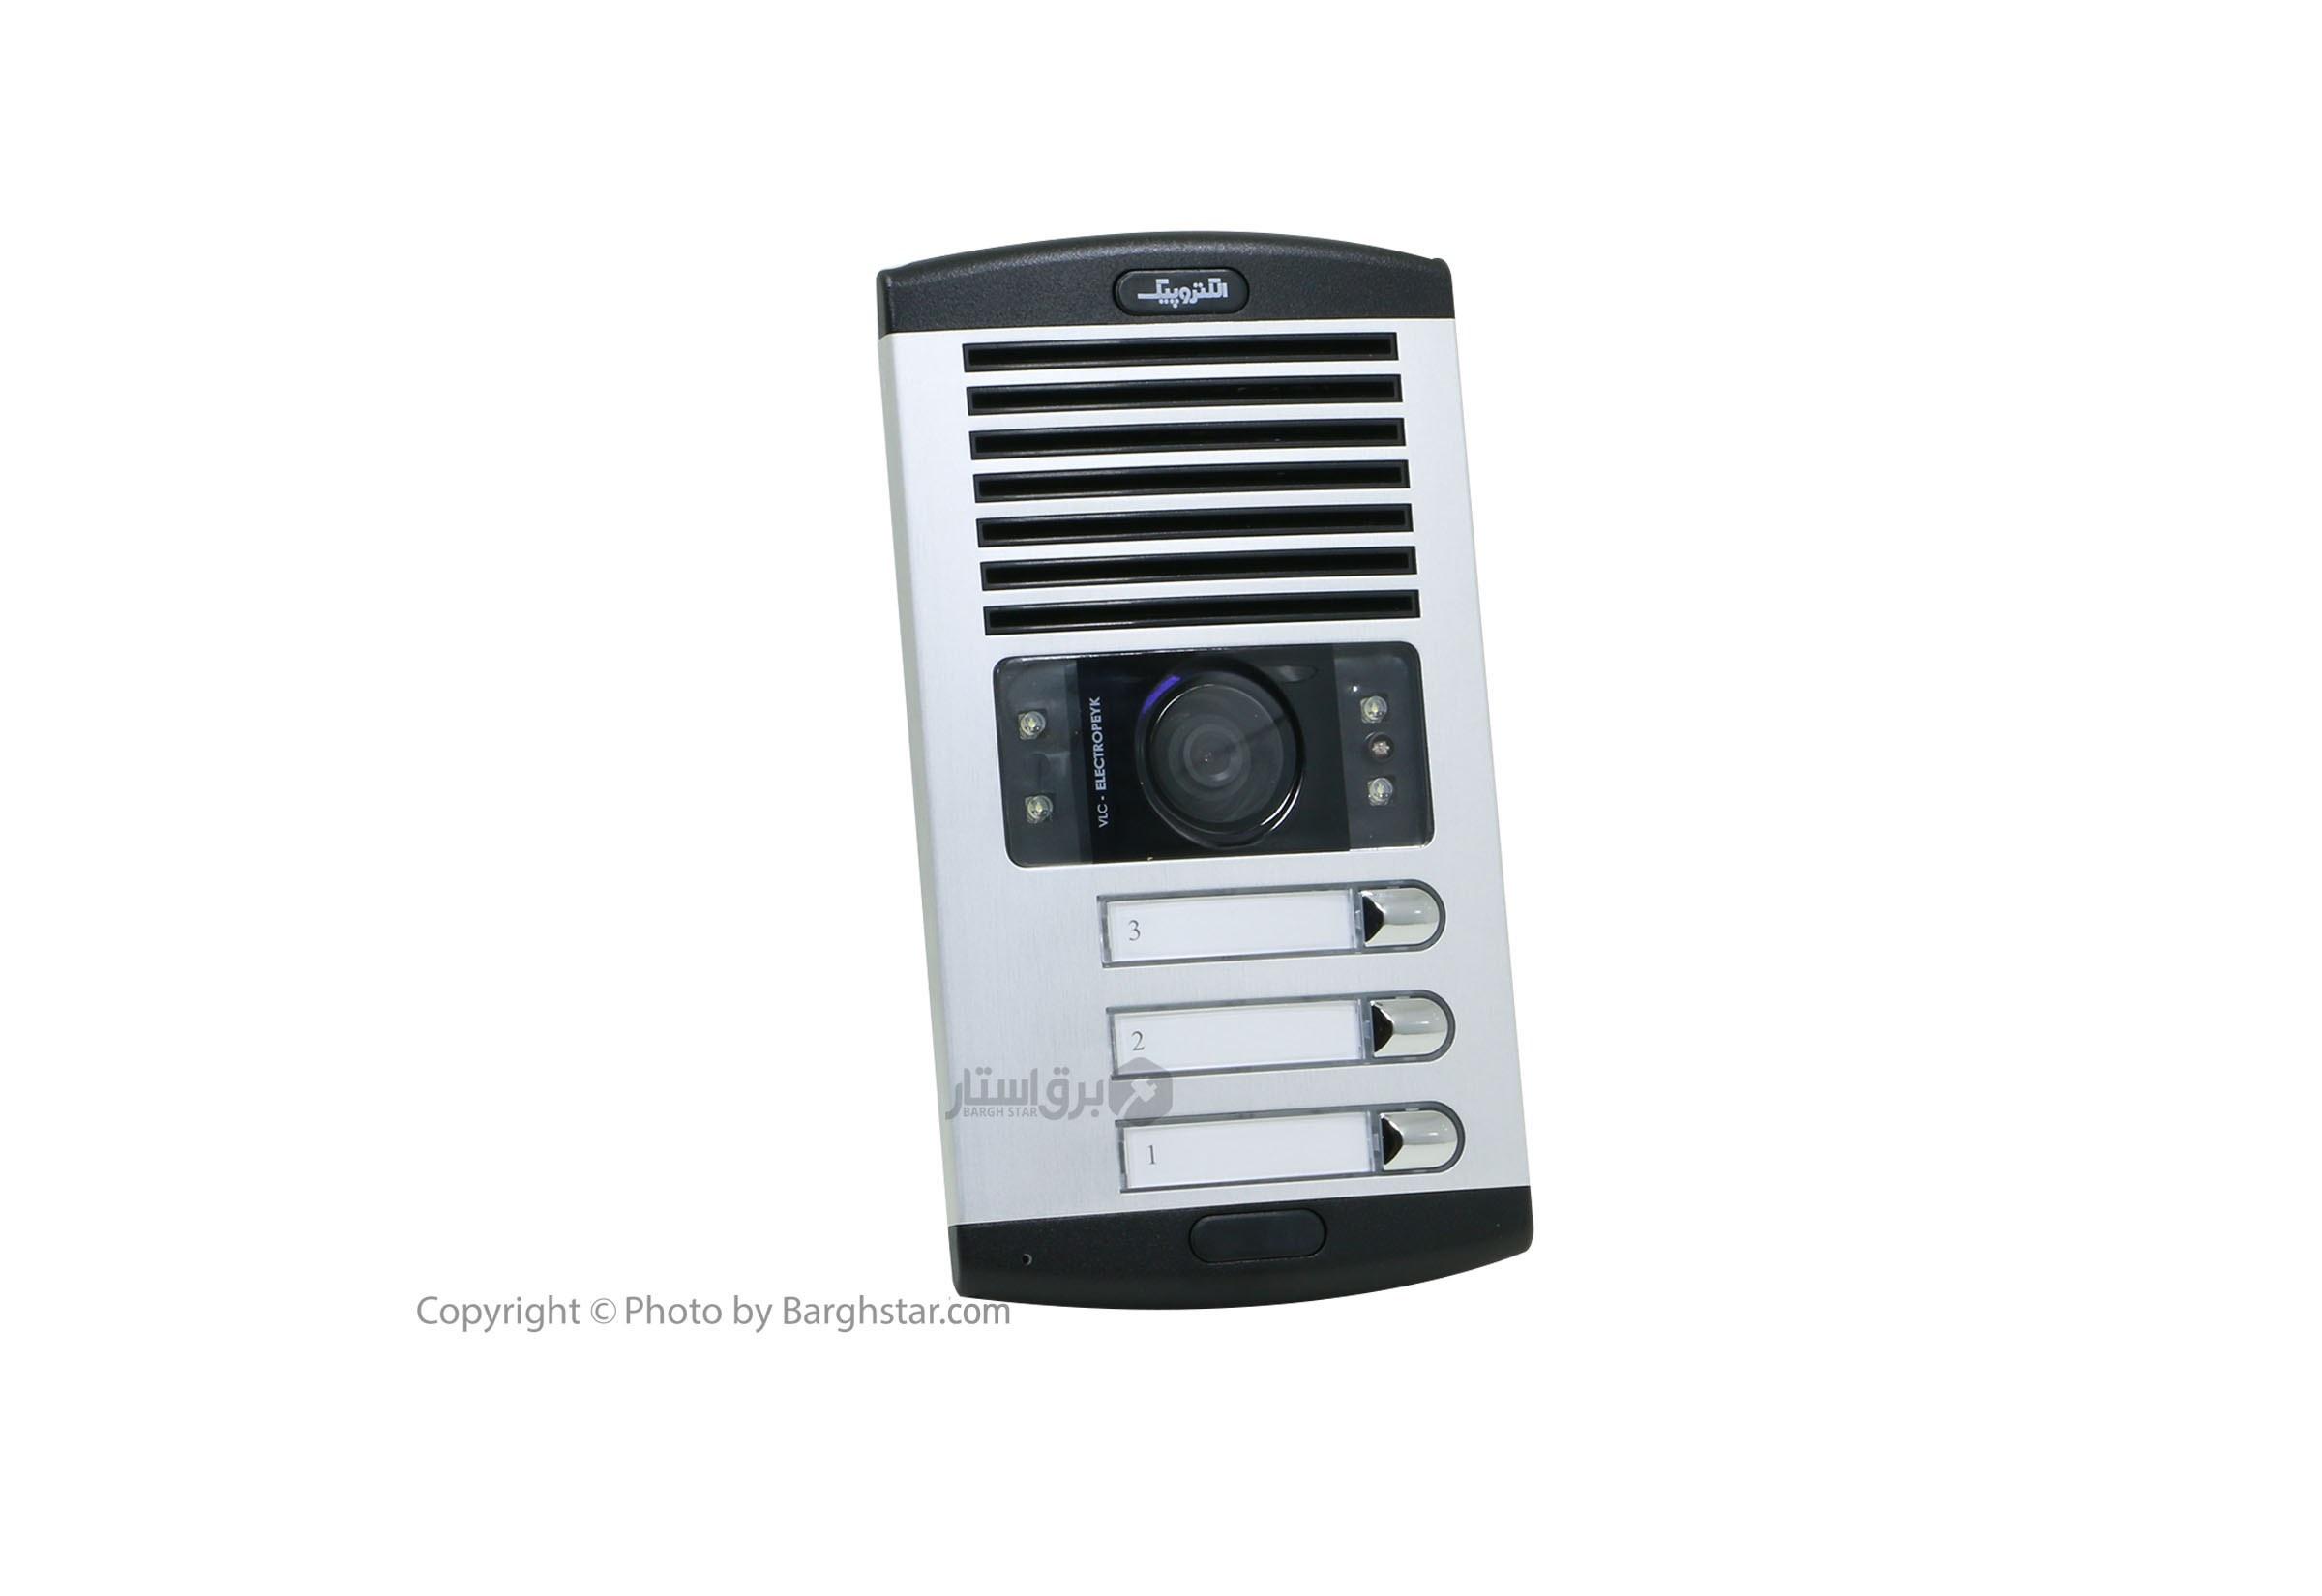 تصویر پنل آیفون تصویری الکتروپیک مدل 1086 سه واحدی با دوربین چرخشی